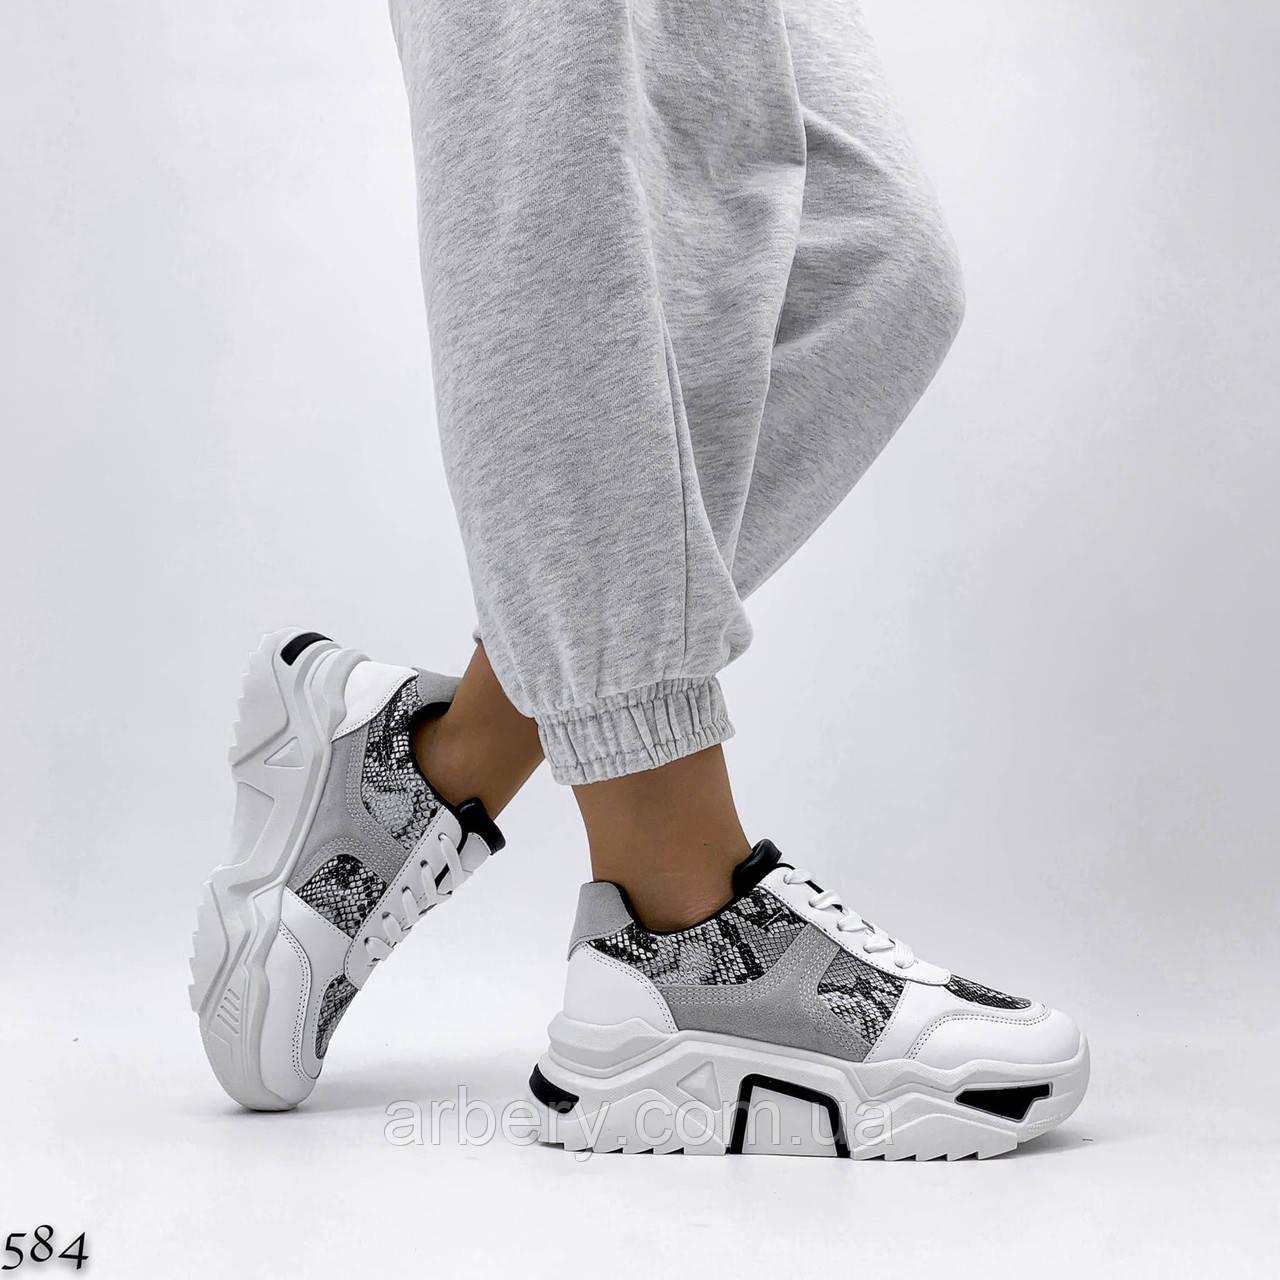 Шикарные кроссовки с принтом под рептилию